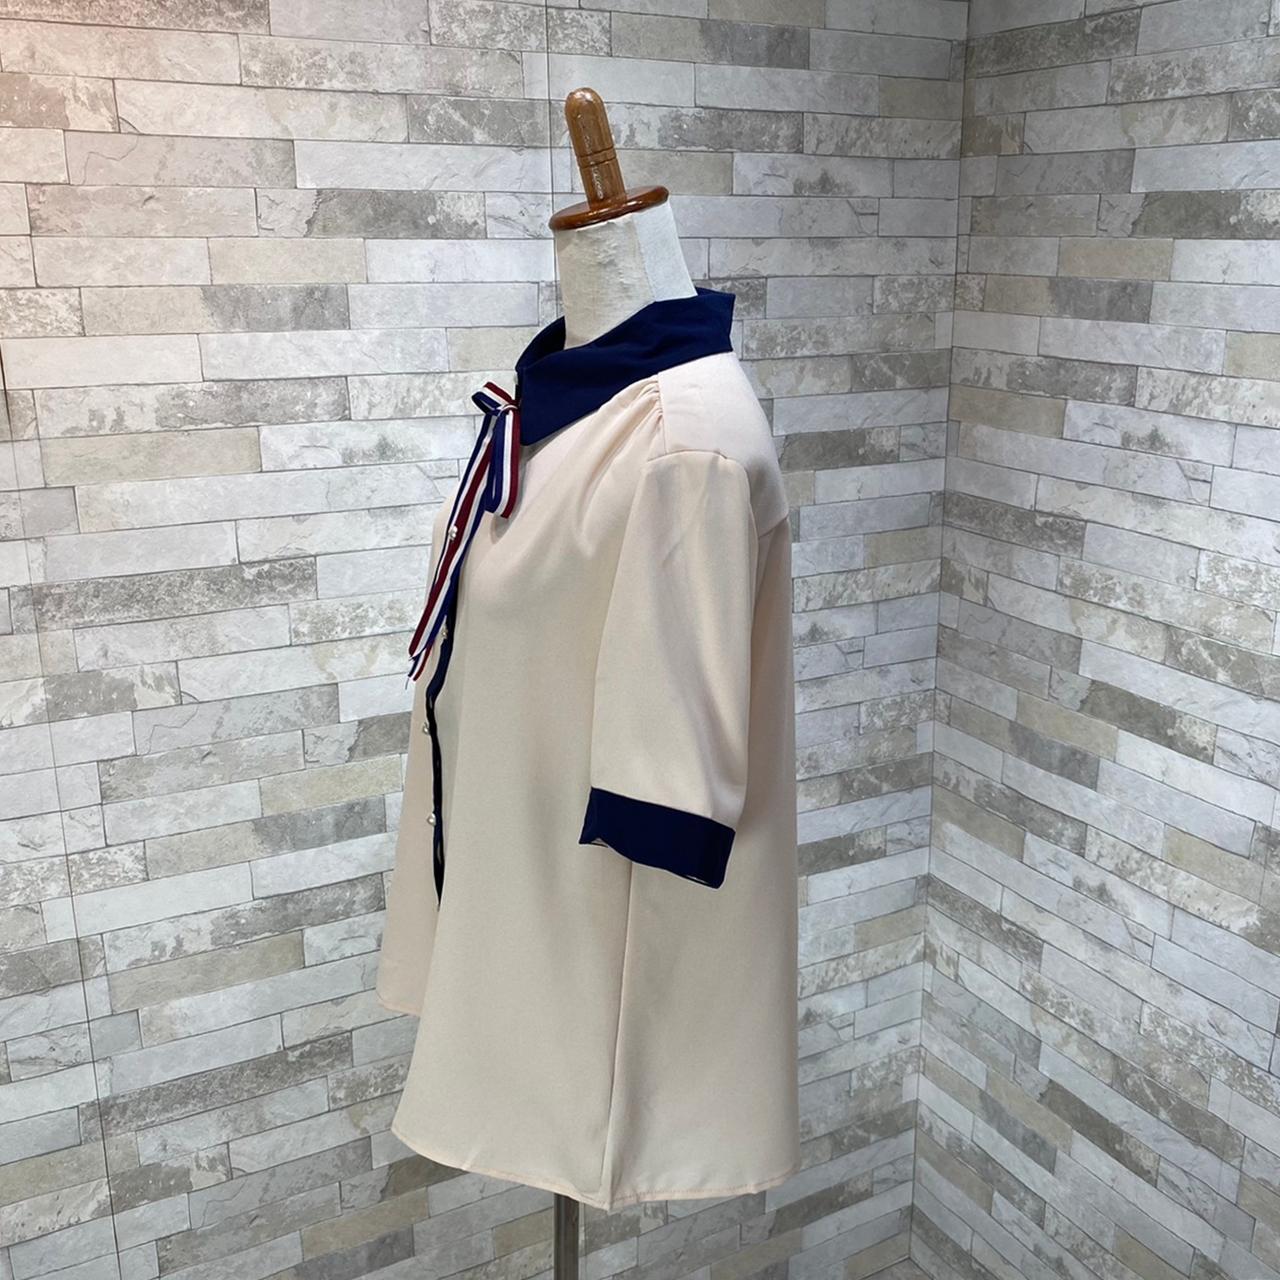 韓国 ファッション トップス ブラウス シャツ 夏 春 カジュアル PTXI735  シアー 襟付き トリコロール プレッピー オルチャン シンプル 定番 セレカジの写真19枚目